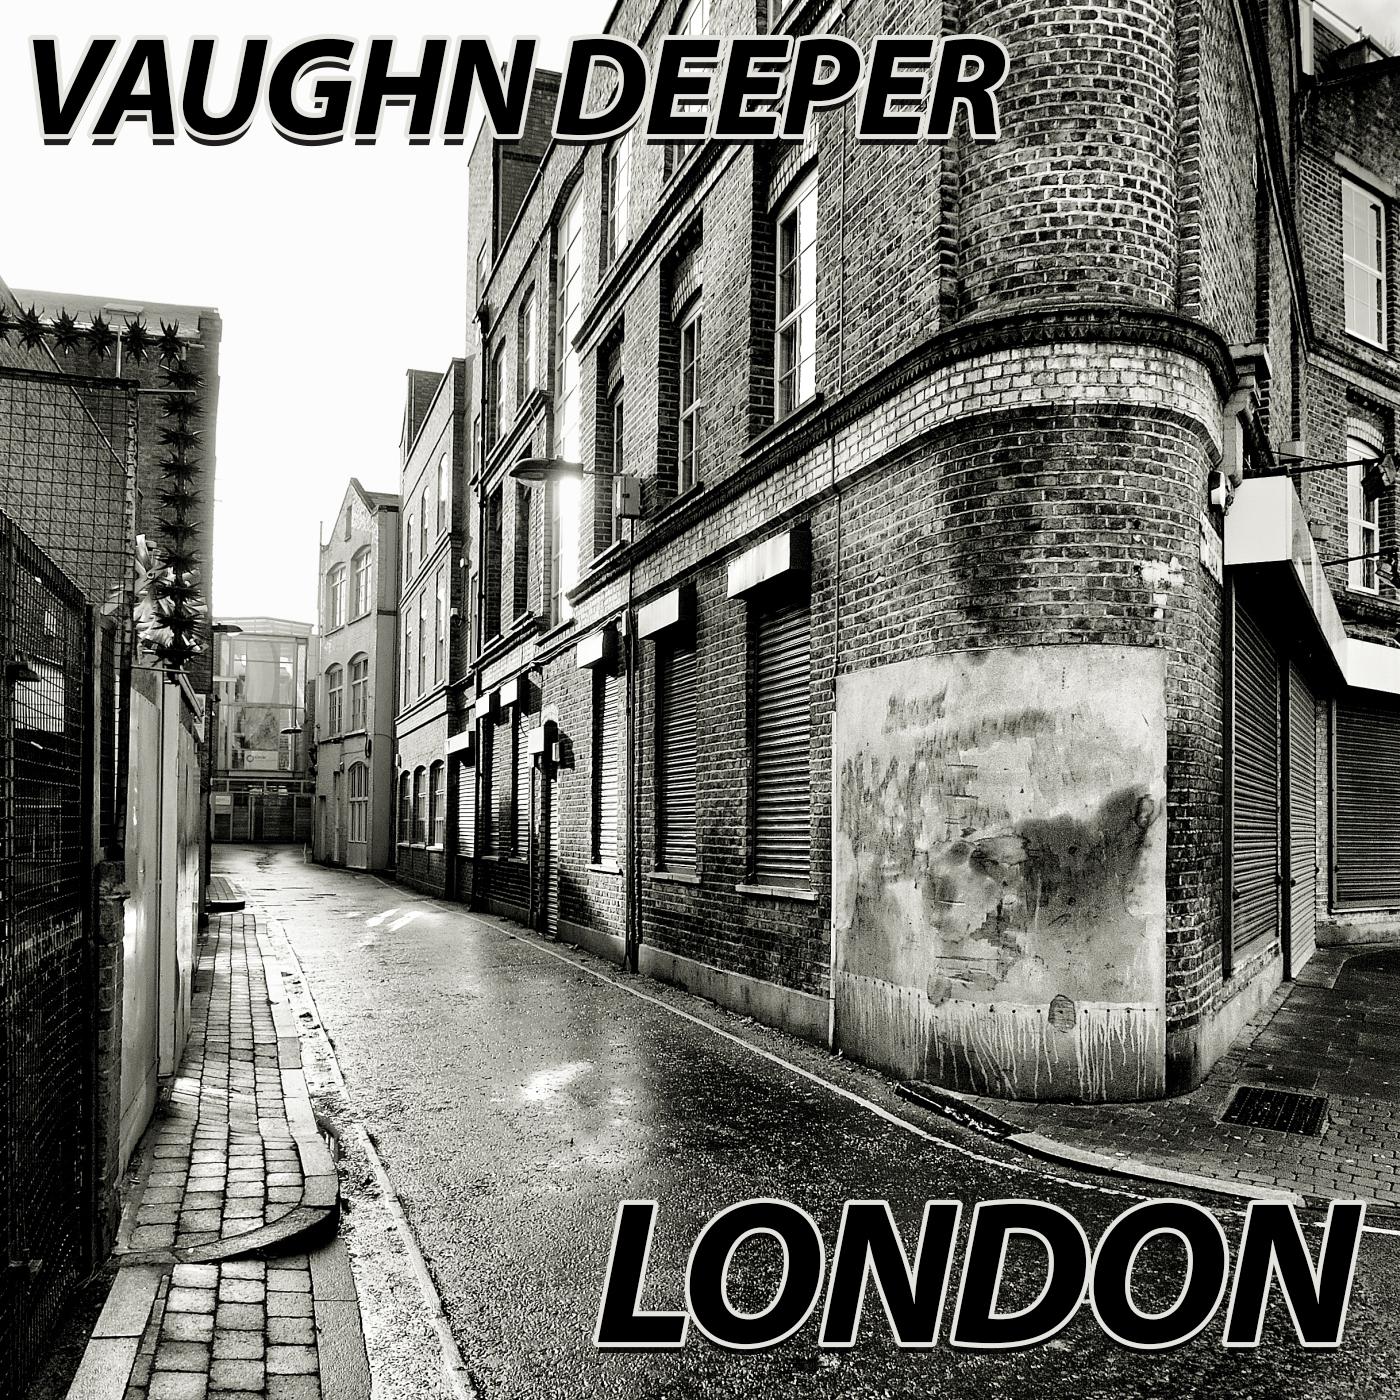 [OFDM002] Vaughn Deeper - London.jpg